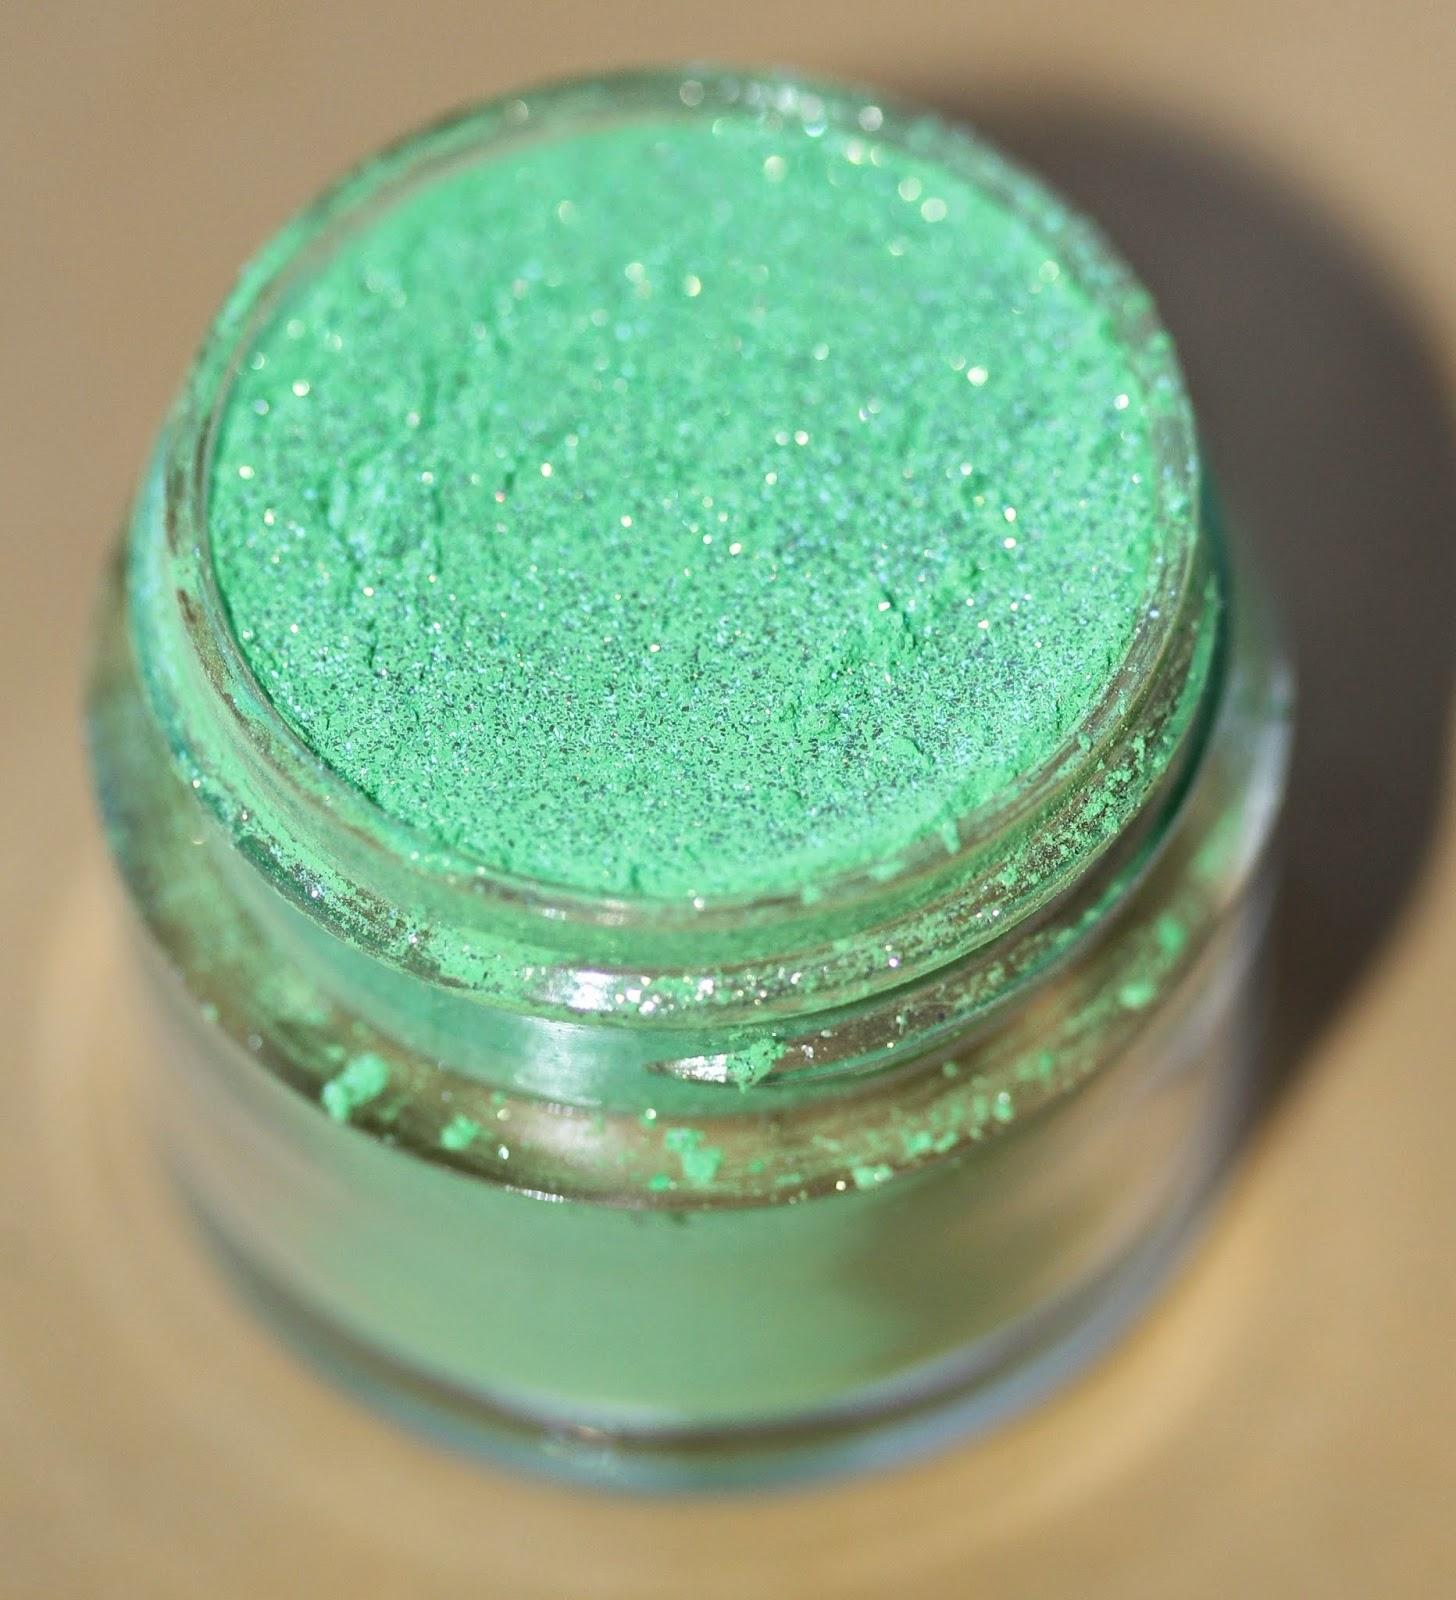 Sugarpill Sparkage sparkling neon pigment